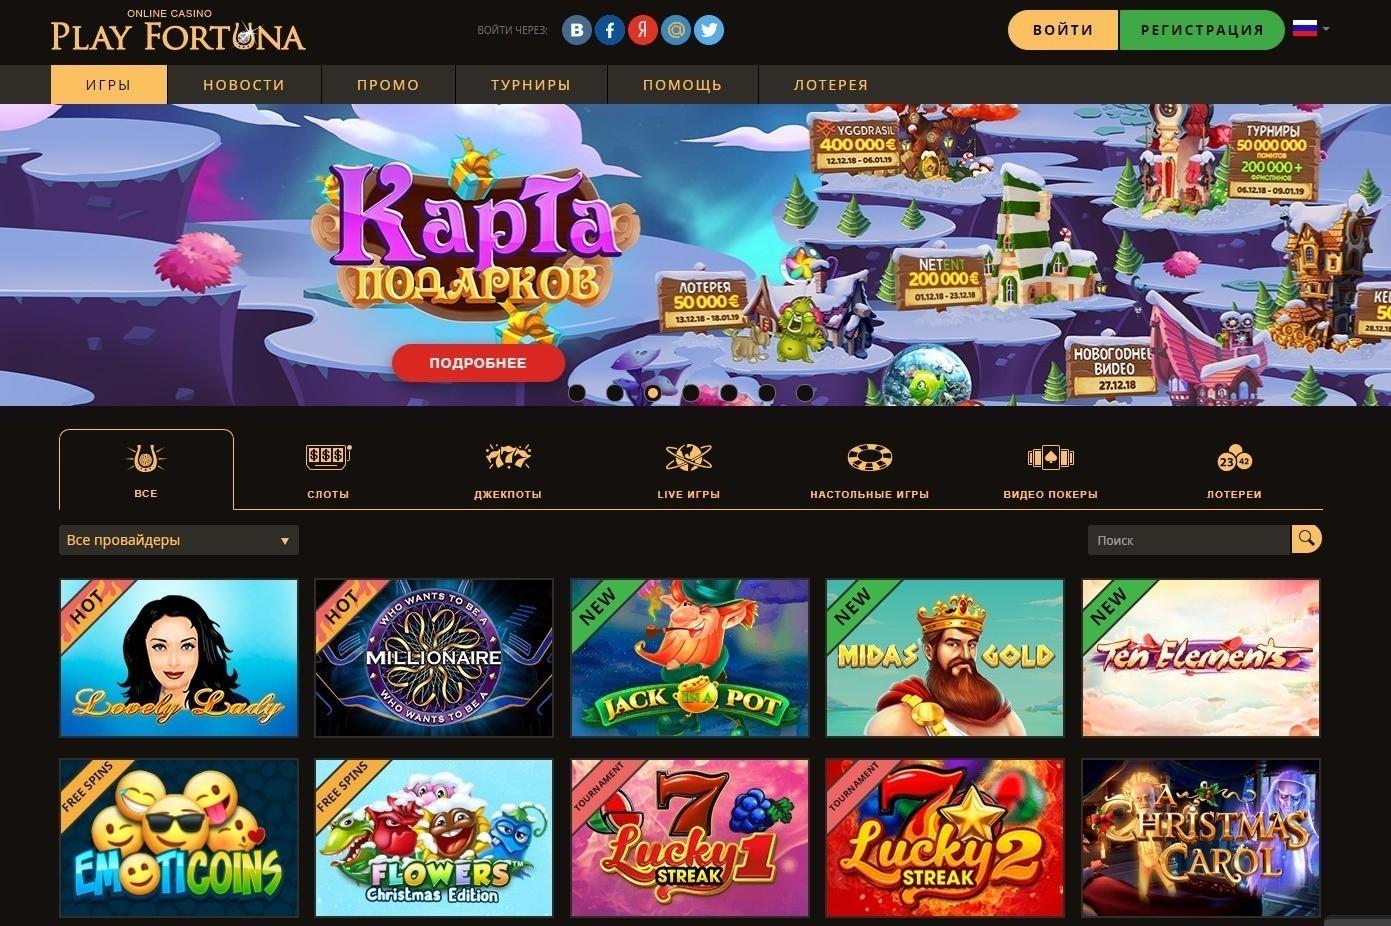 фото Плей виды казино фортуна в турниров